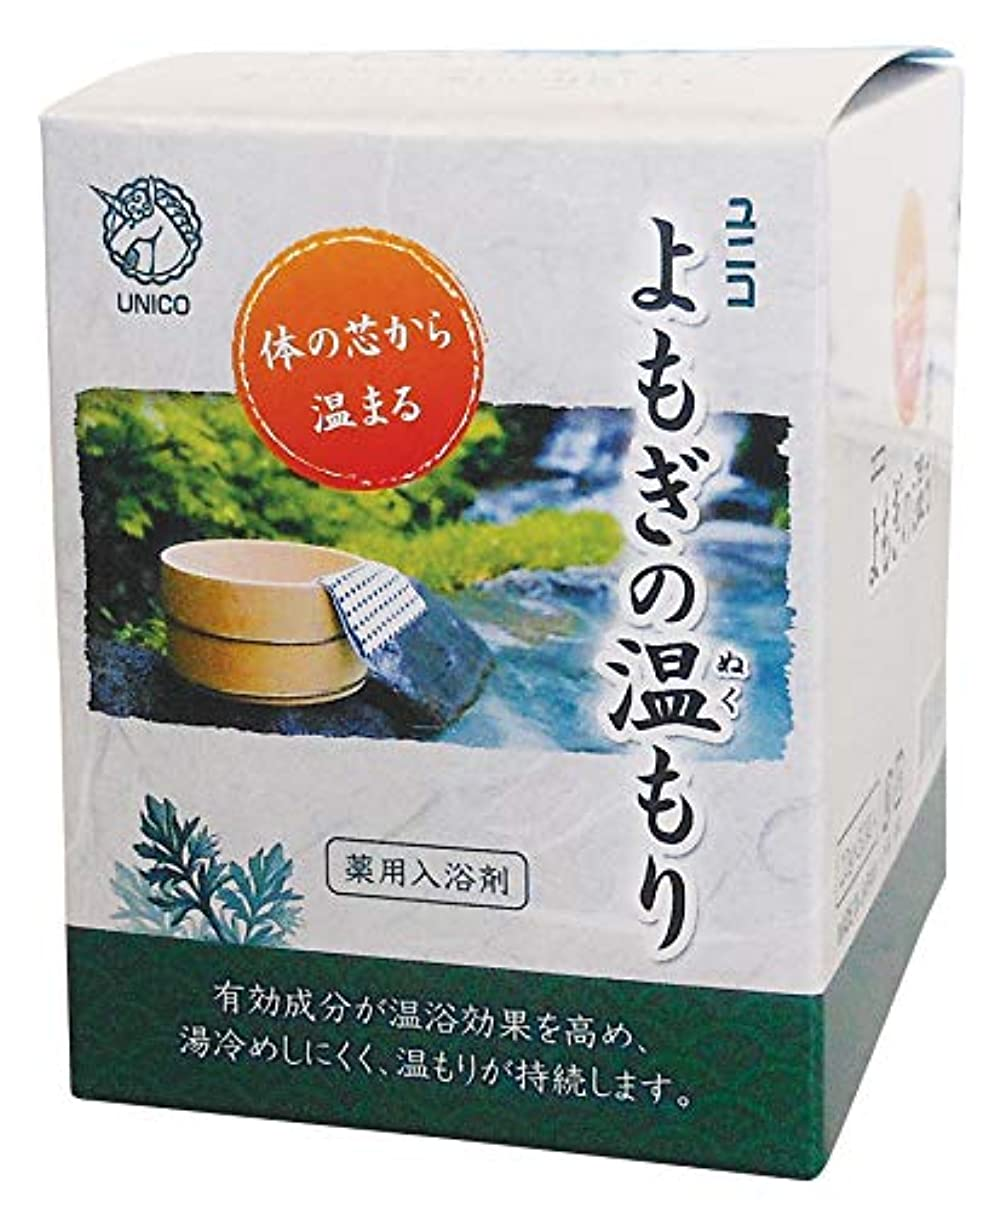 引き出す進捗真似るユニコ 薬用入浴剤 よもぎの温もり 20g×30袋入